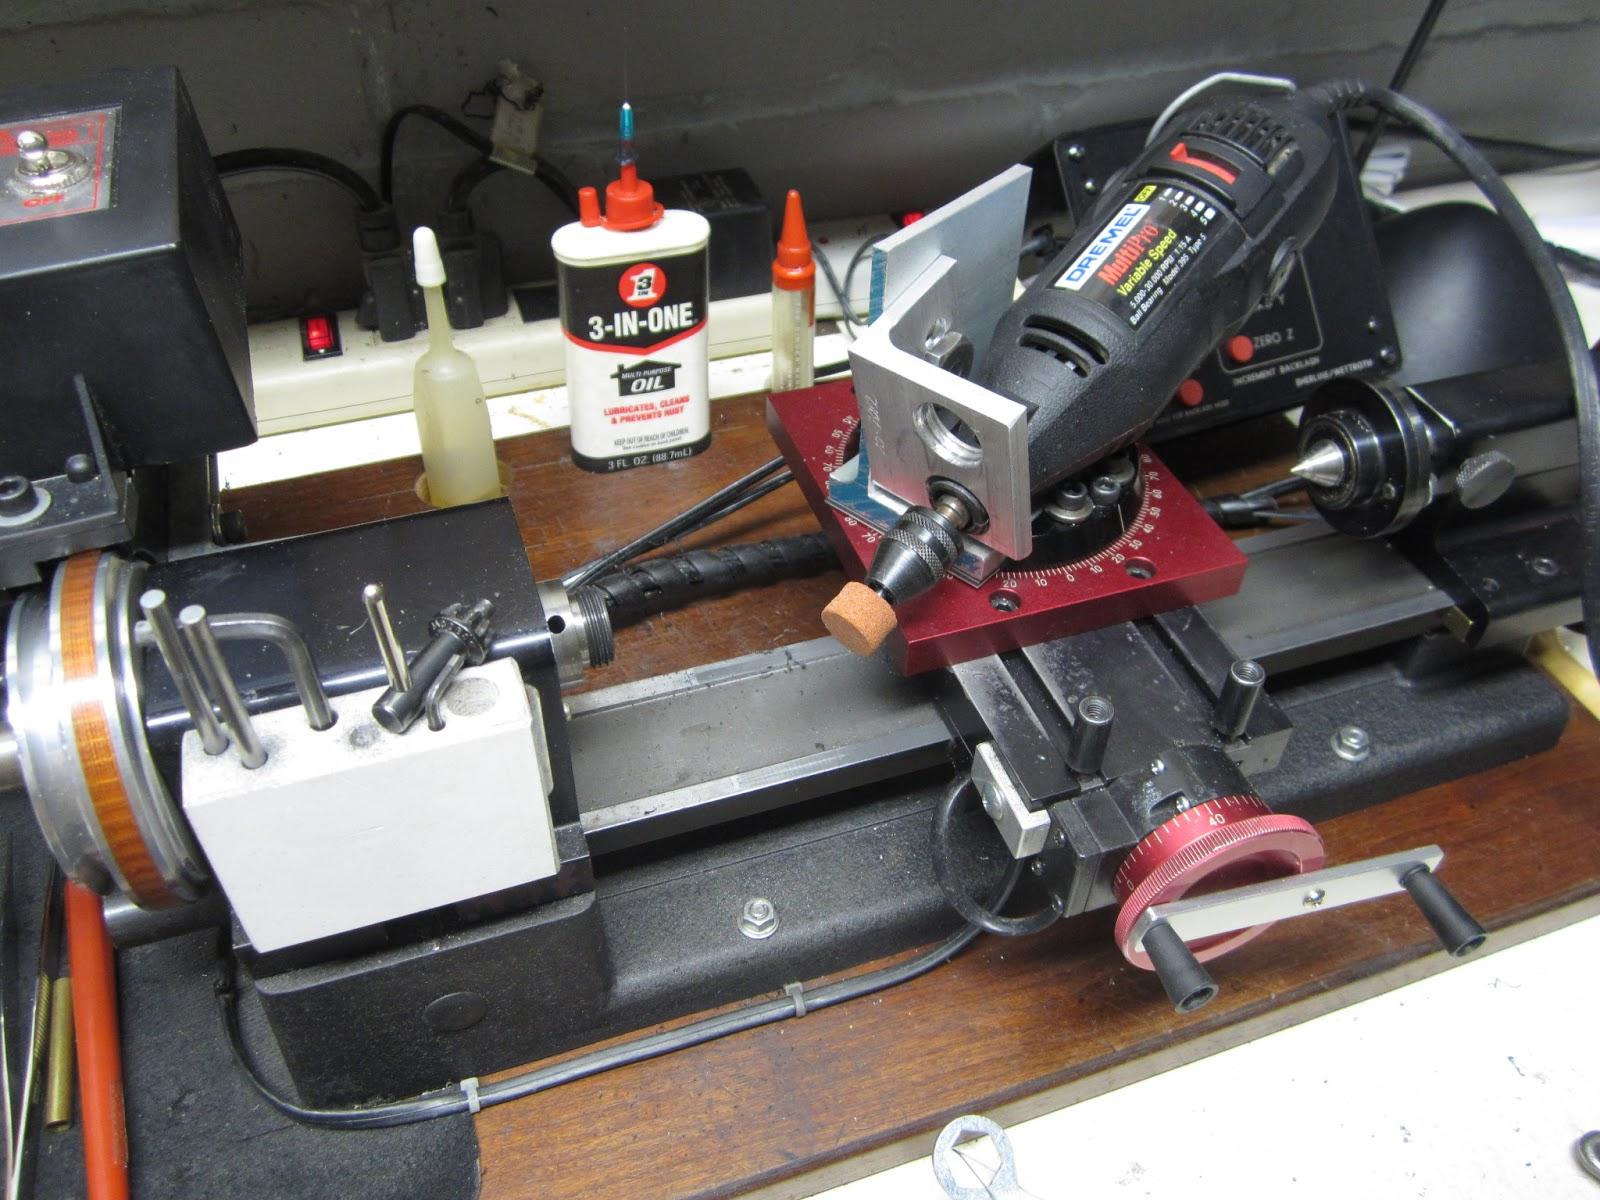 MI Shop Tools Inventions Sherline Lathe Dremel grinder